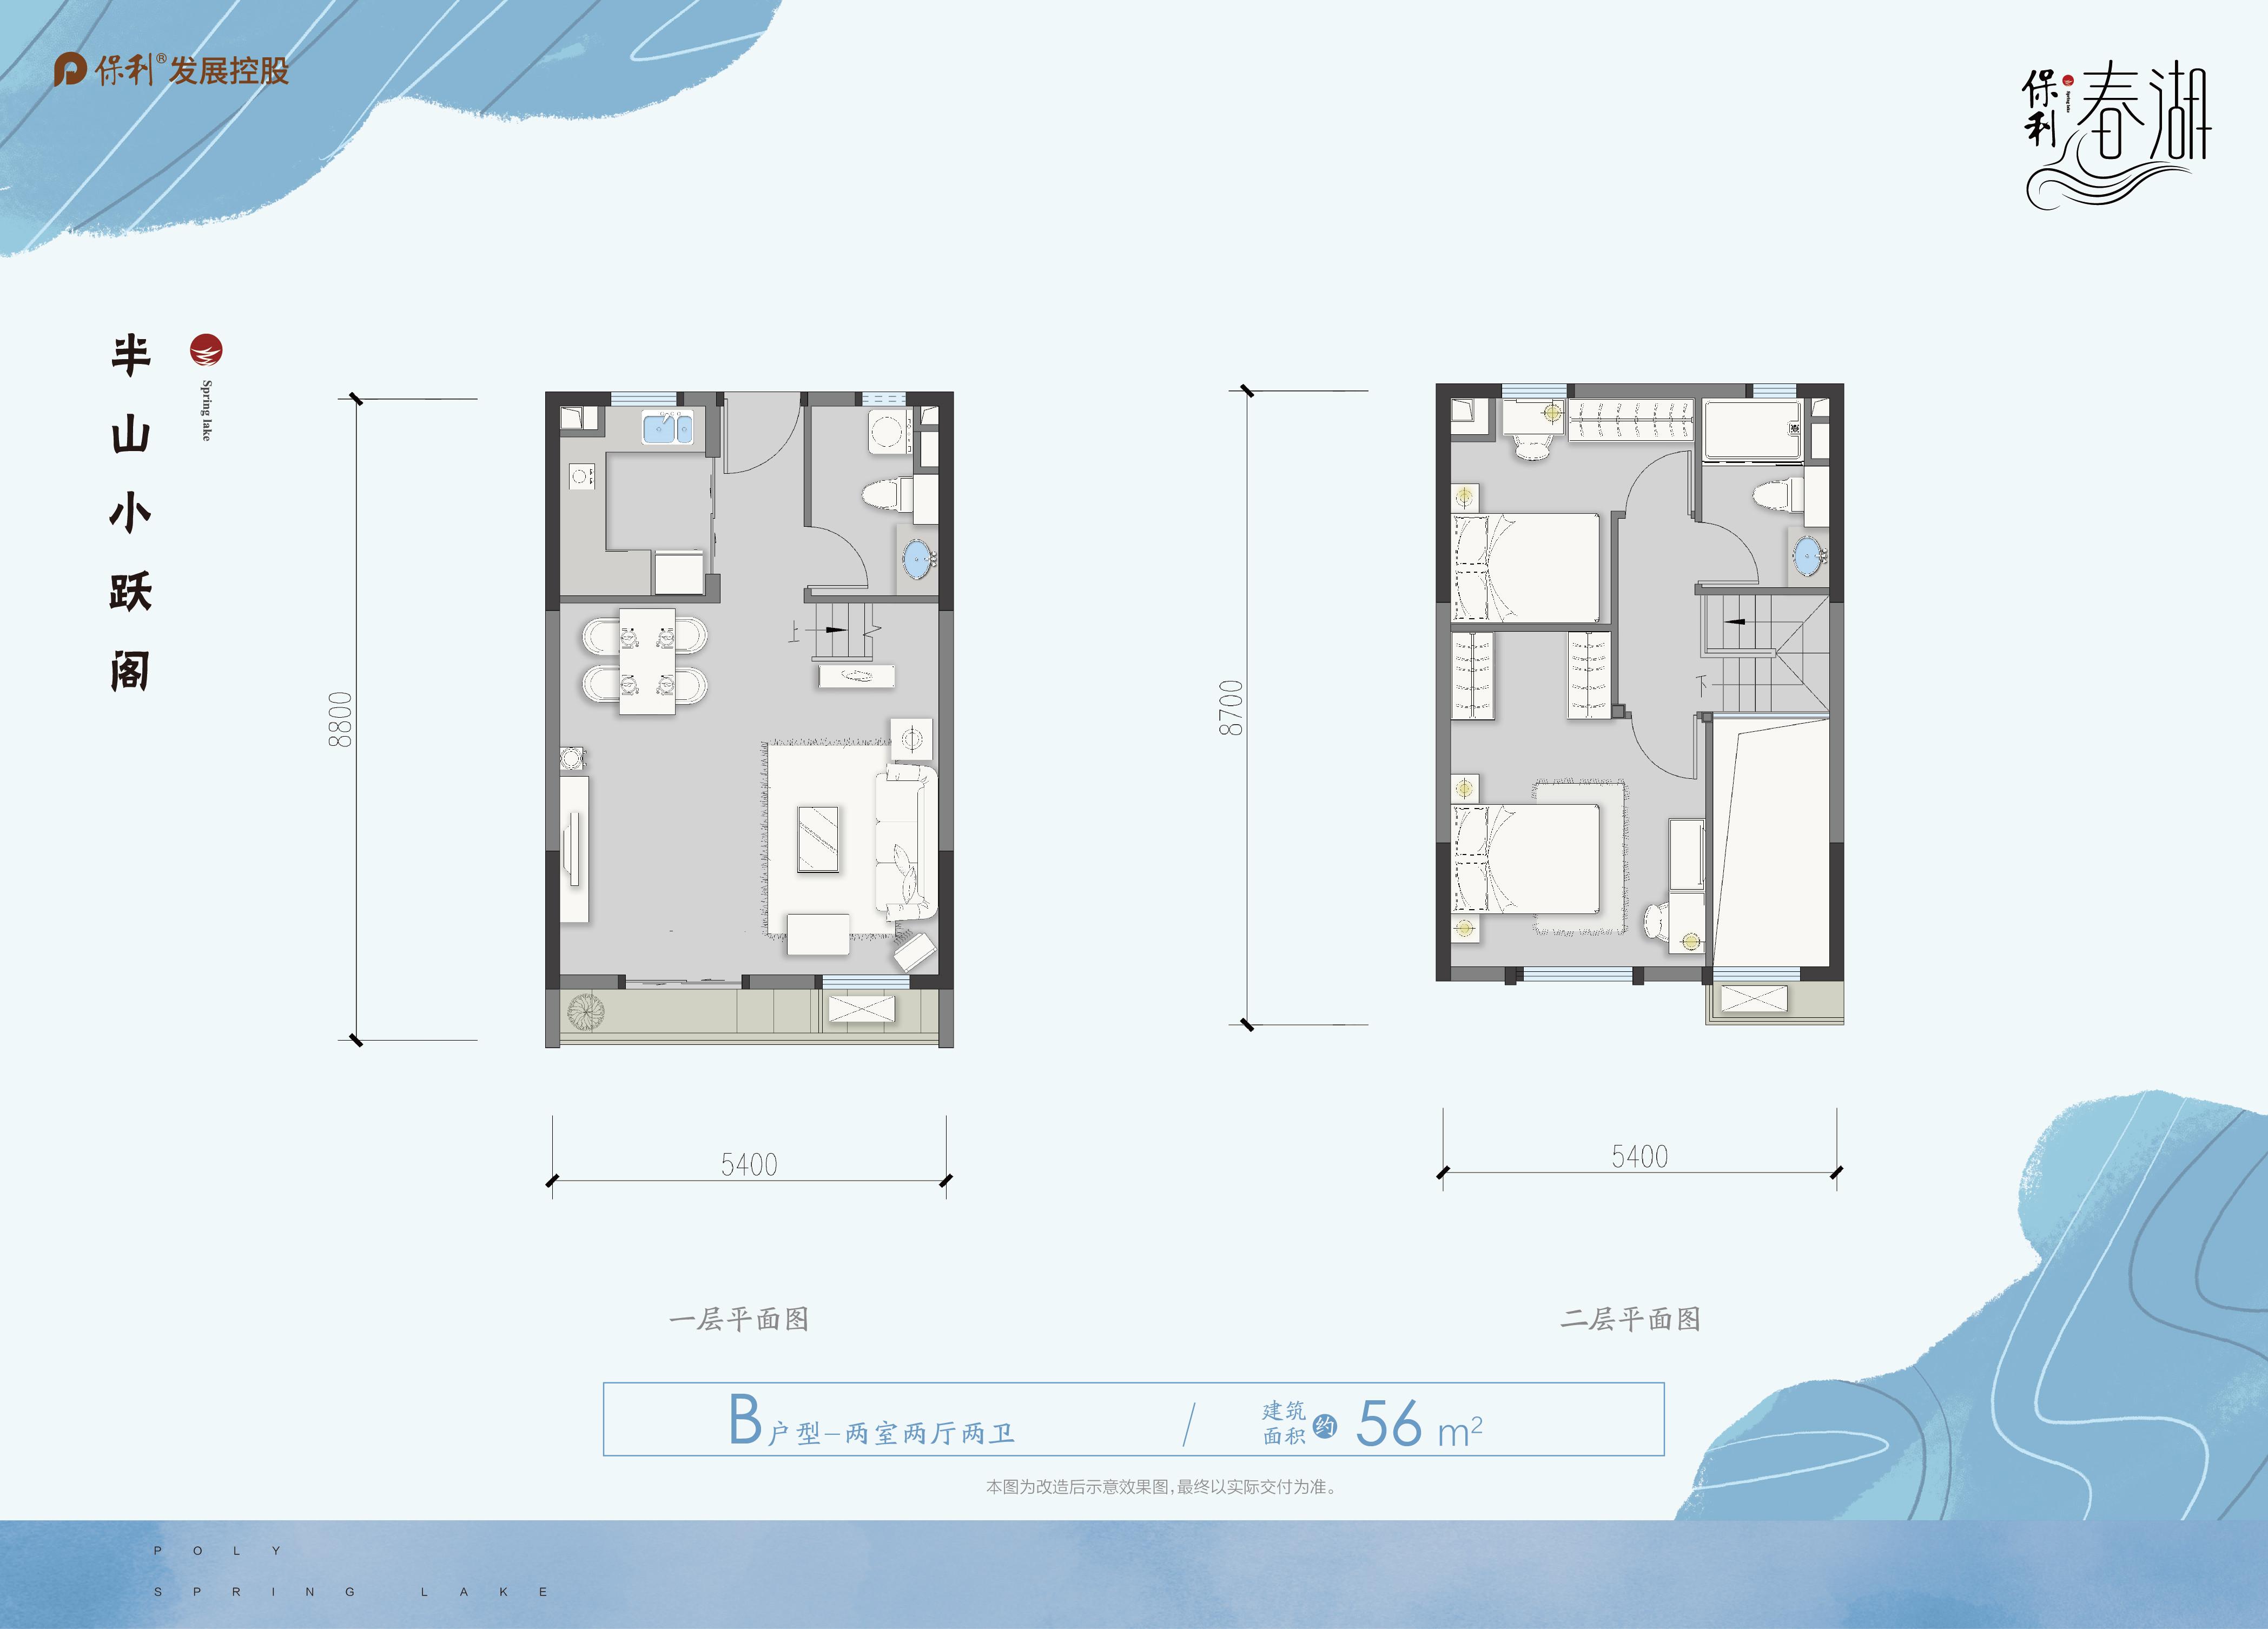 2室3厅2卫-半山小跃阁B户型,建面56.0㎡